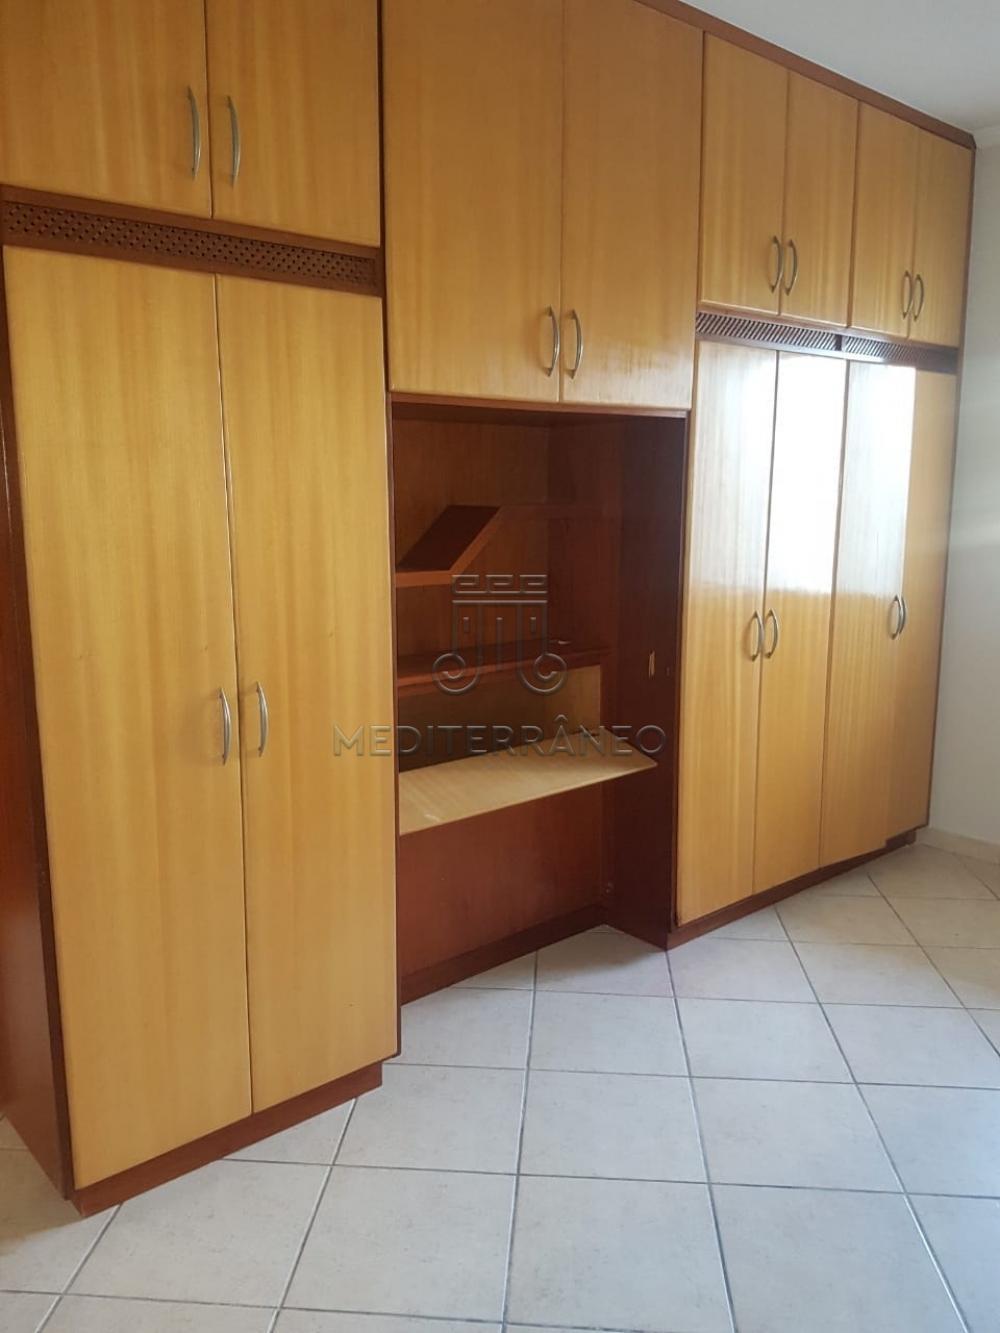 Alugar Casa / Padrão em Jundiaí apenas R$ 4.000,00 - Foto 10